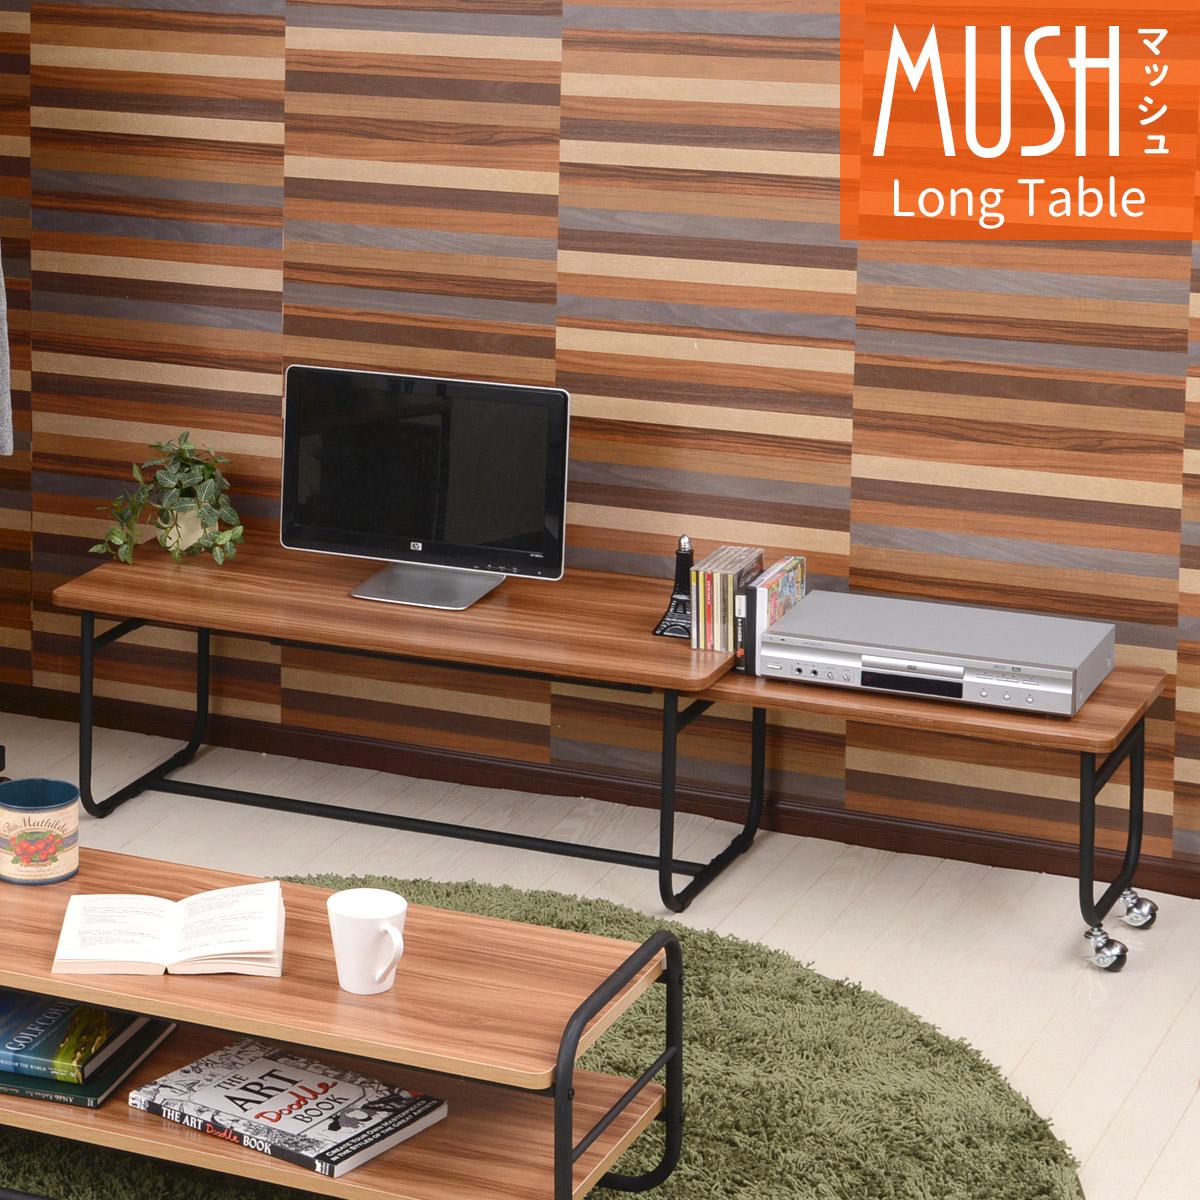 【送料無料】 【メーカー直送・代引不可】MUSH 伸縮テーブル